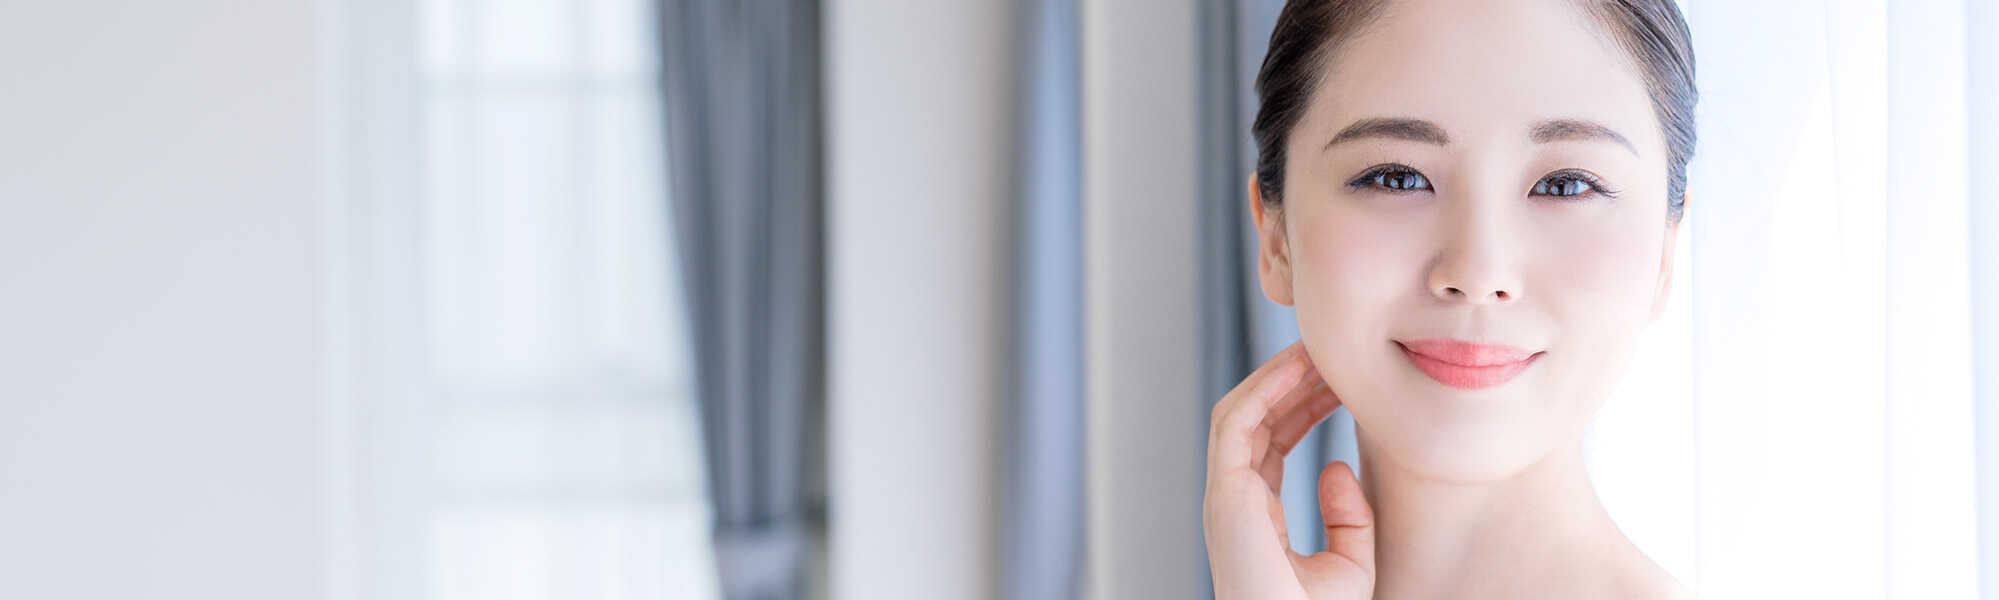 幹細胞培養上清液の種類と安全性について